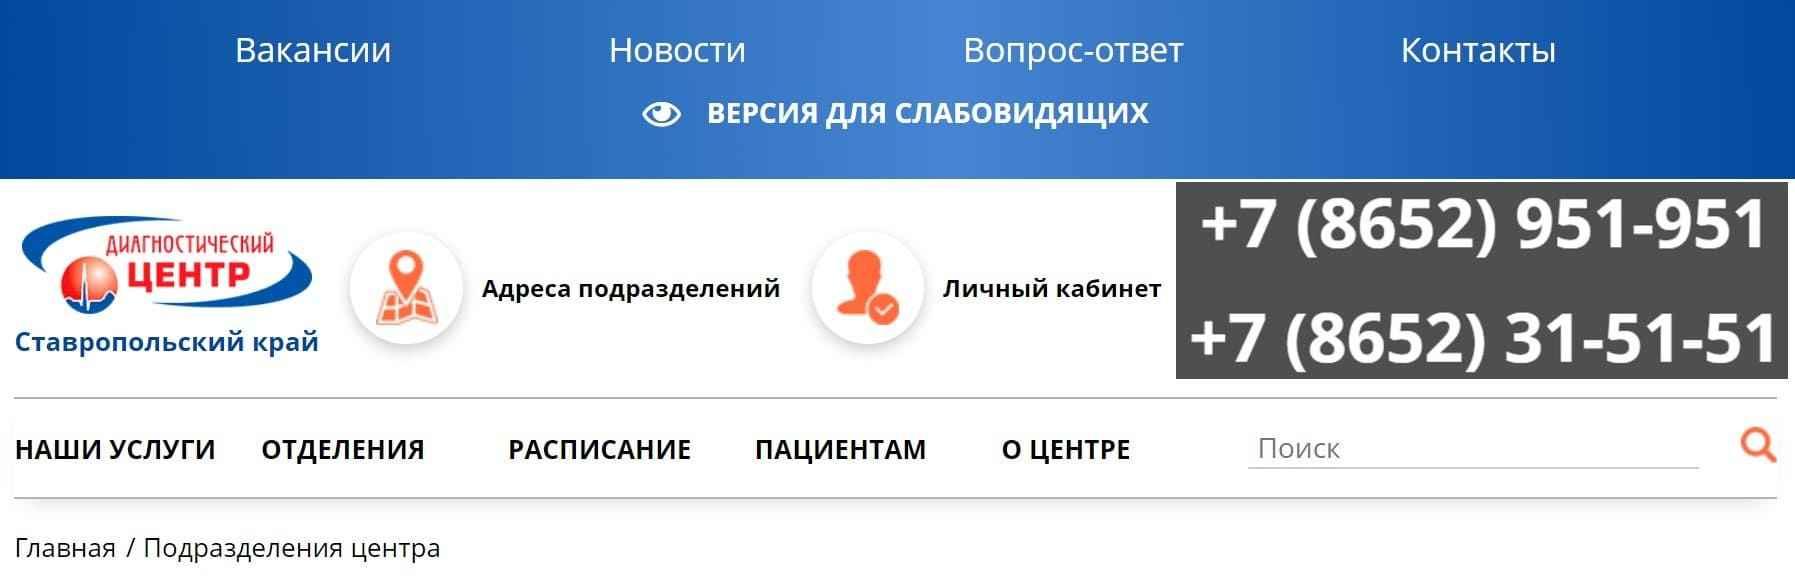 Диагностический центр Ставрополь личный кабинет